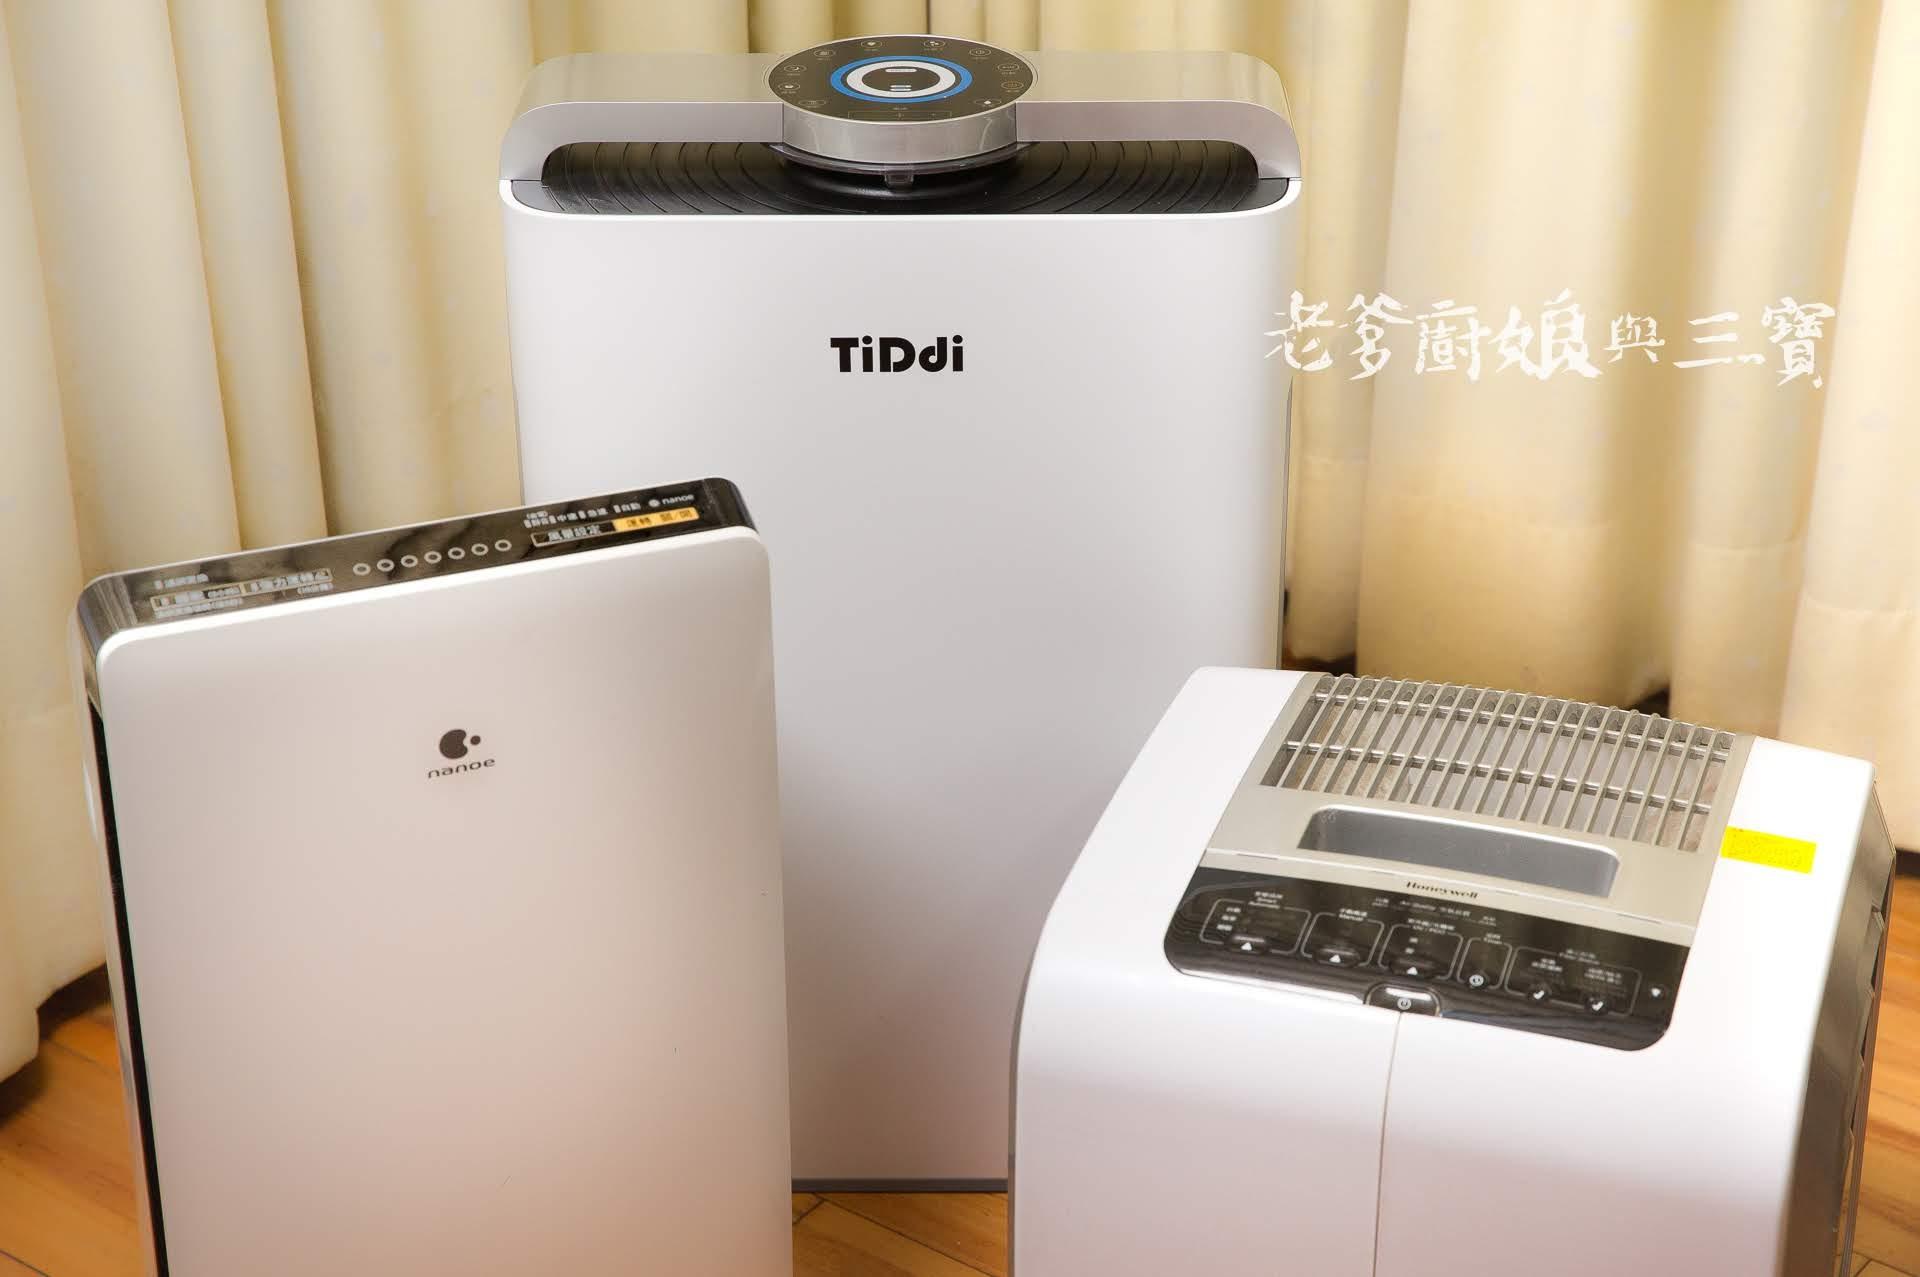 智慧、精緻、健康,給居家精品級的清新好空氣...TiDdi P680 智慧感應即時監控空氣清淨機